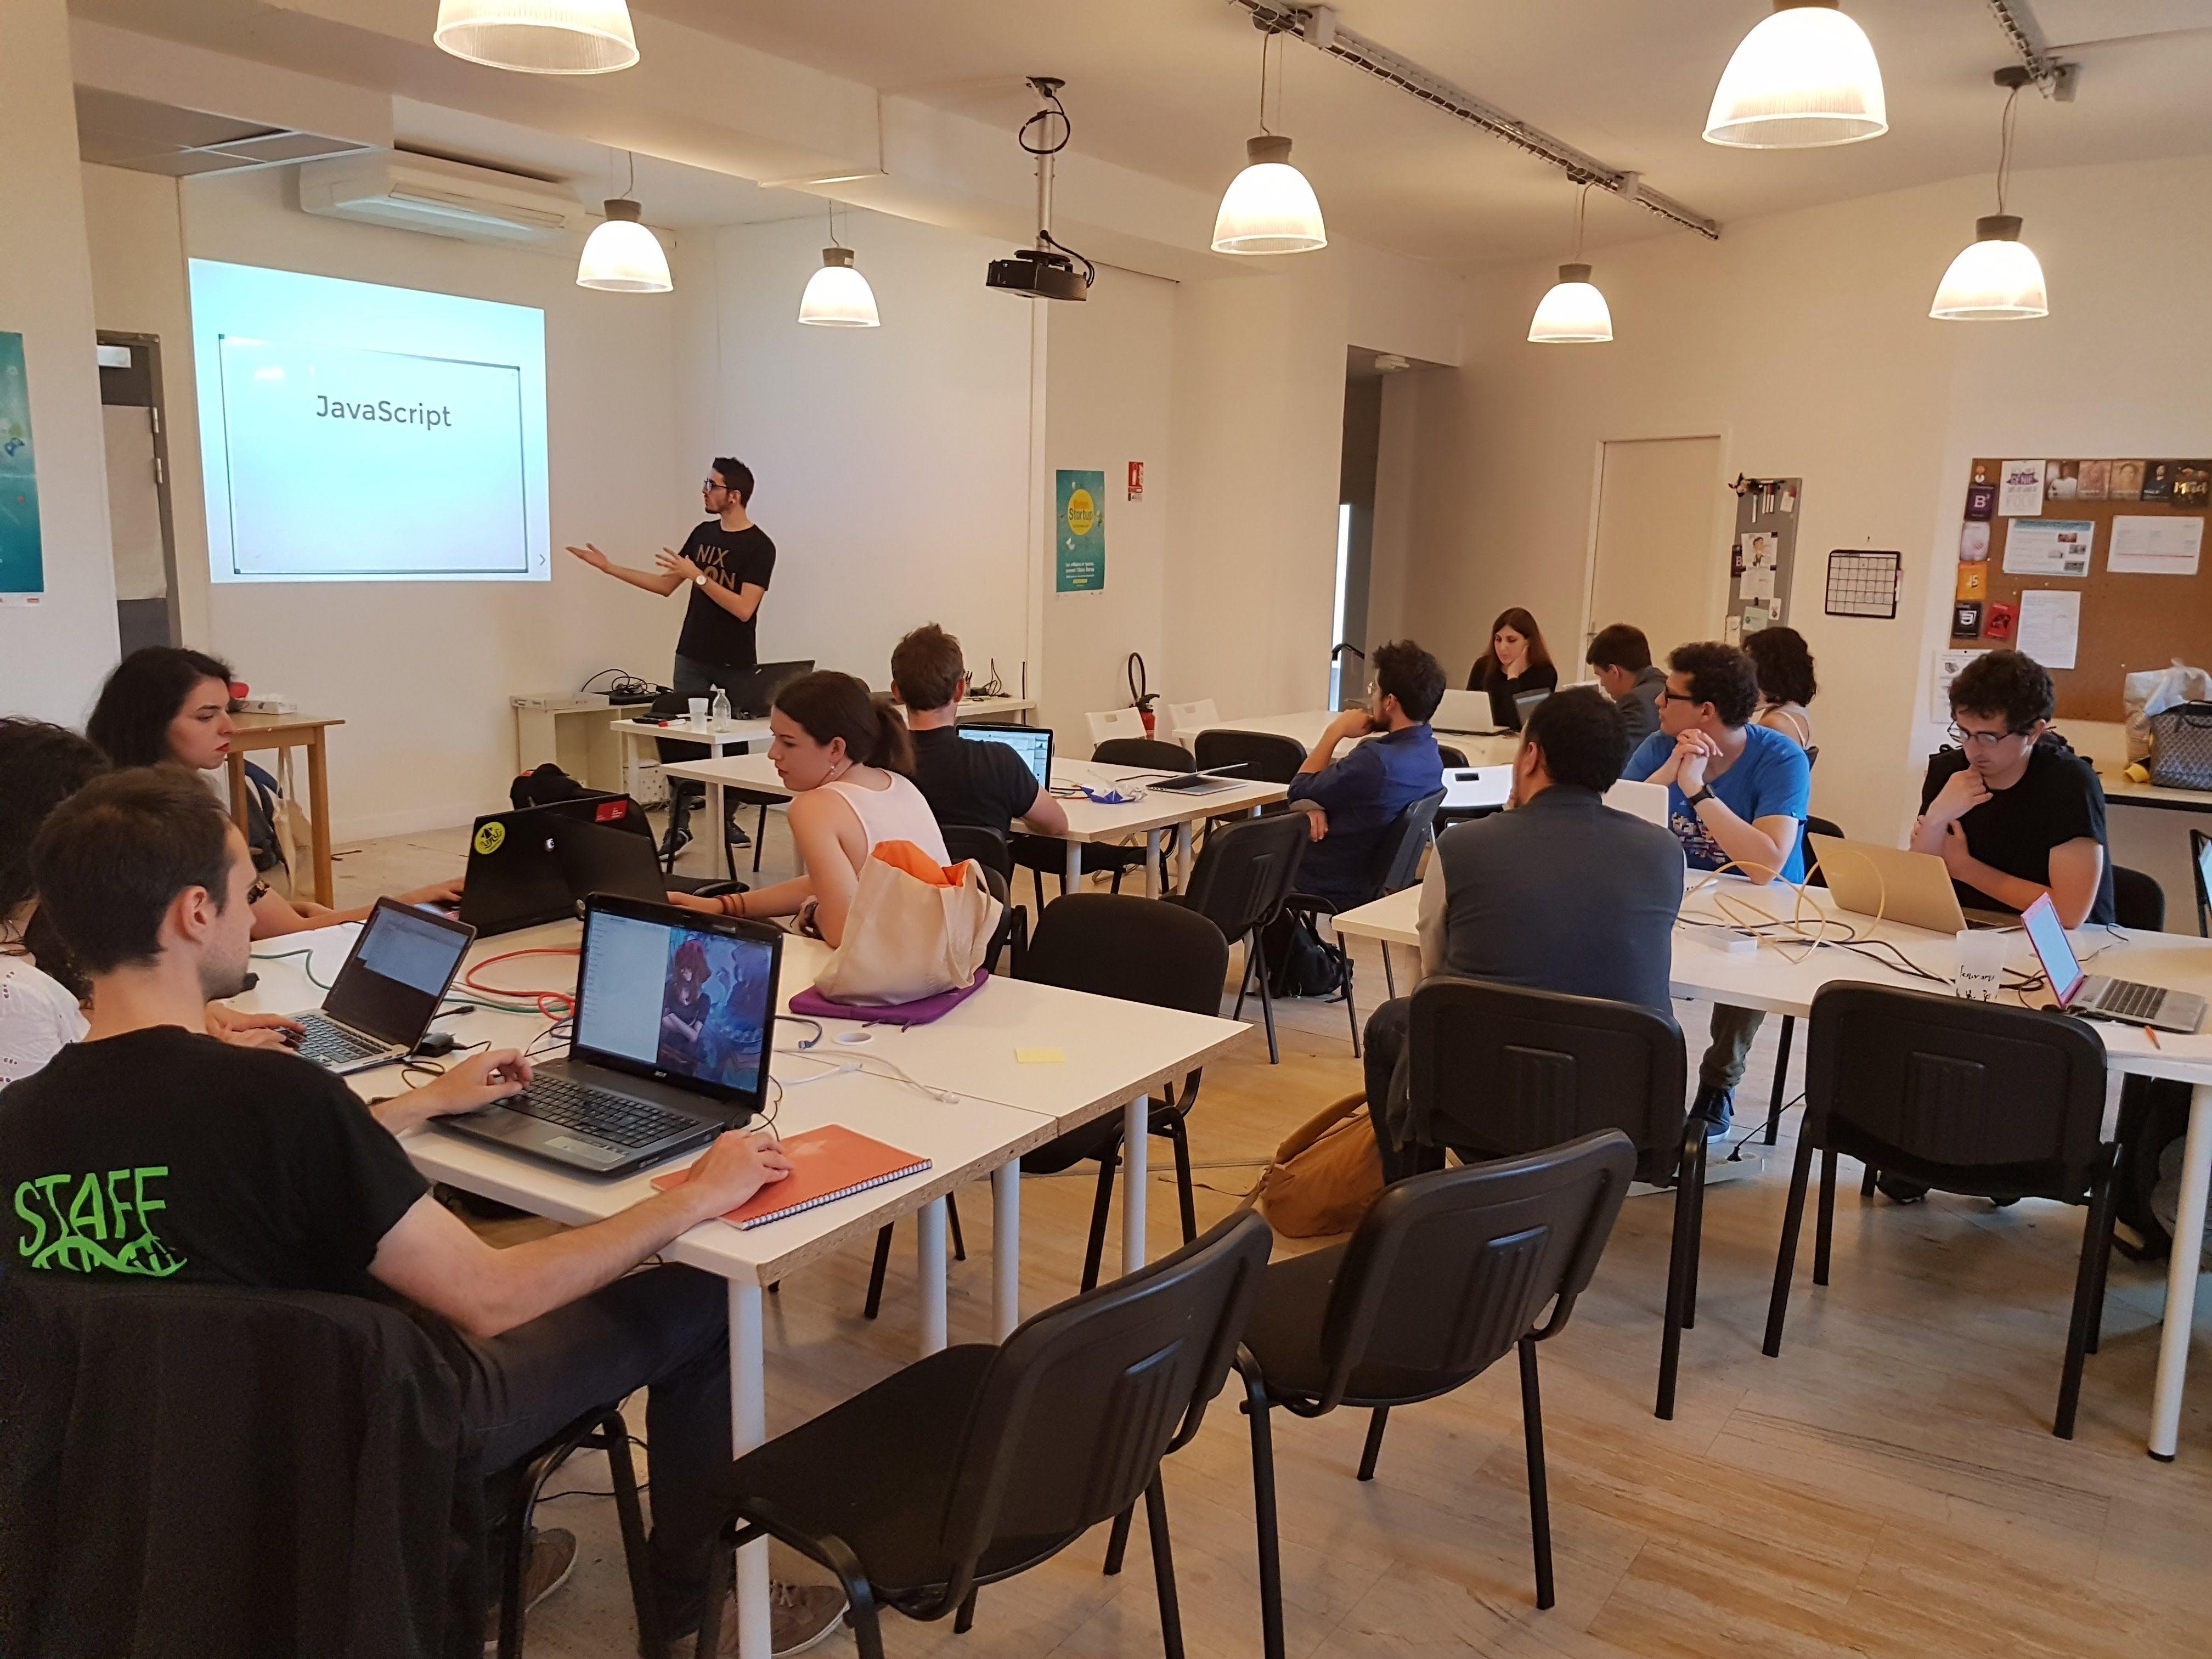 Lyon - Apprendre à coder ensemble